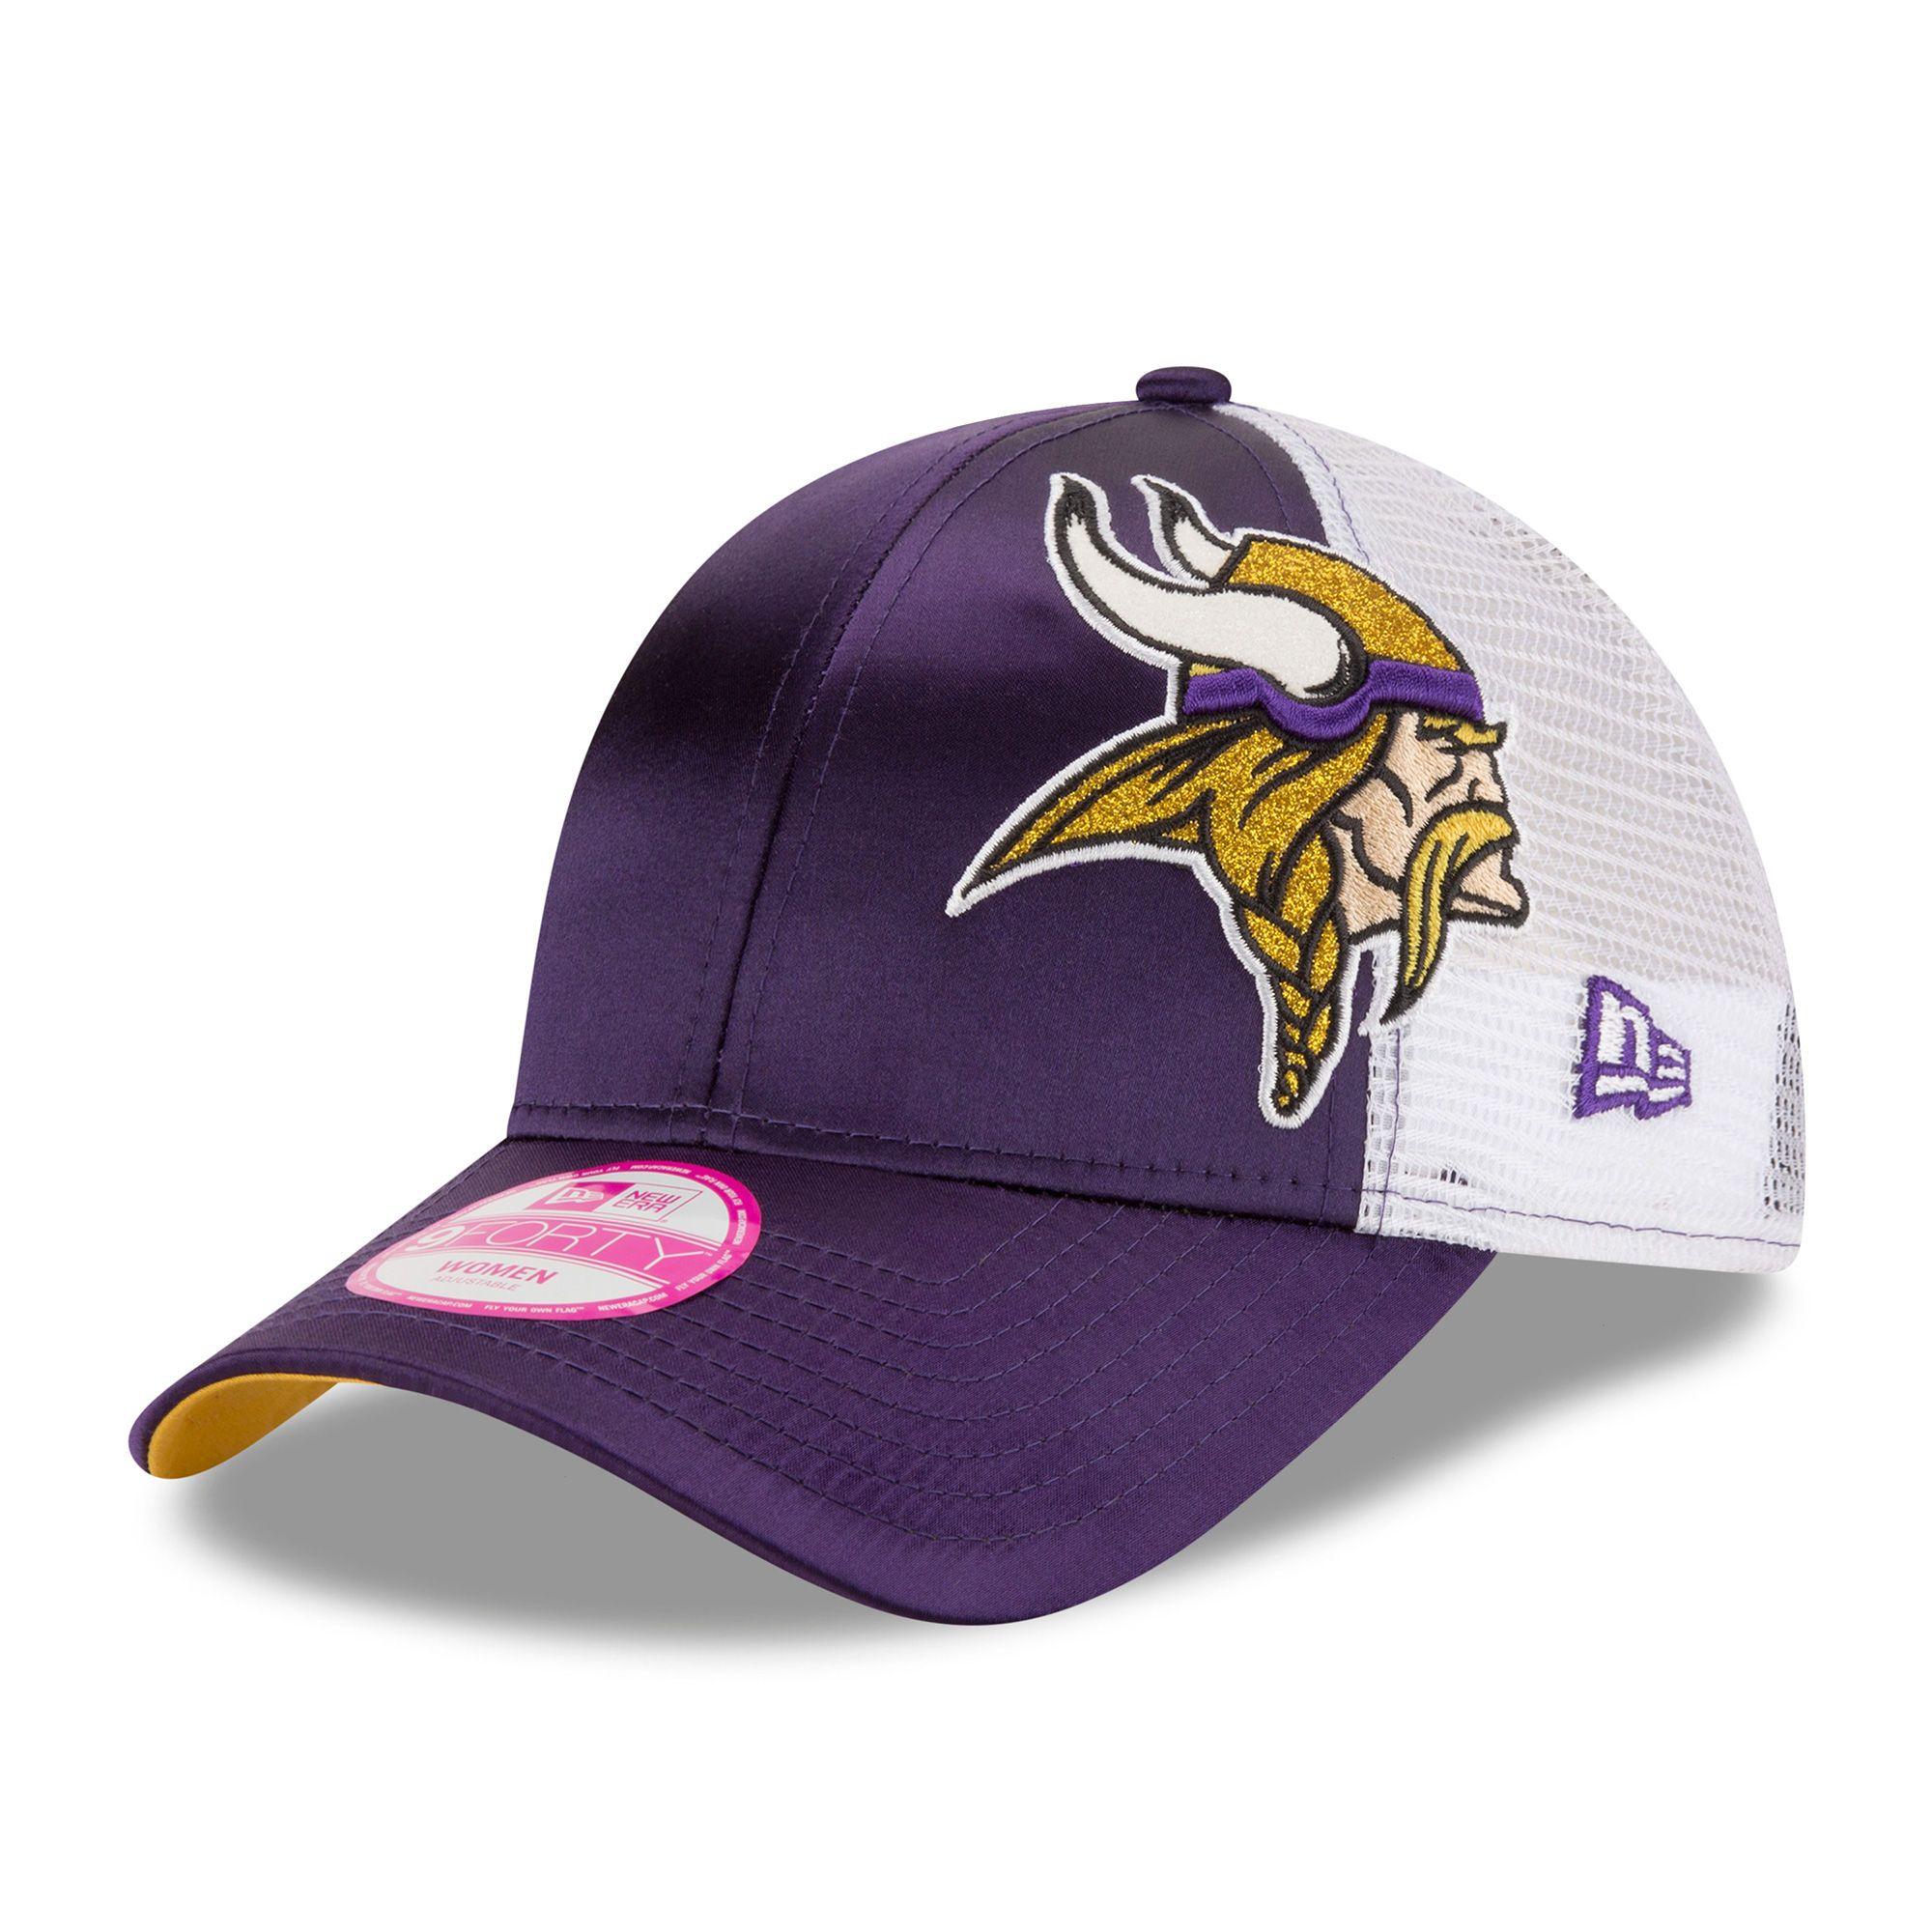 4854f2ffee5 Minnesota Vikings New Era Women s Team Glitzer 9FORTY Adjustable Hat -  Purple